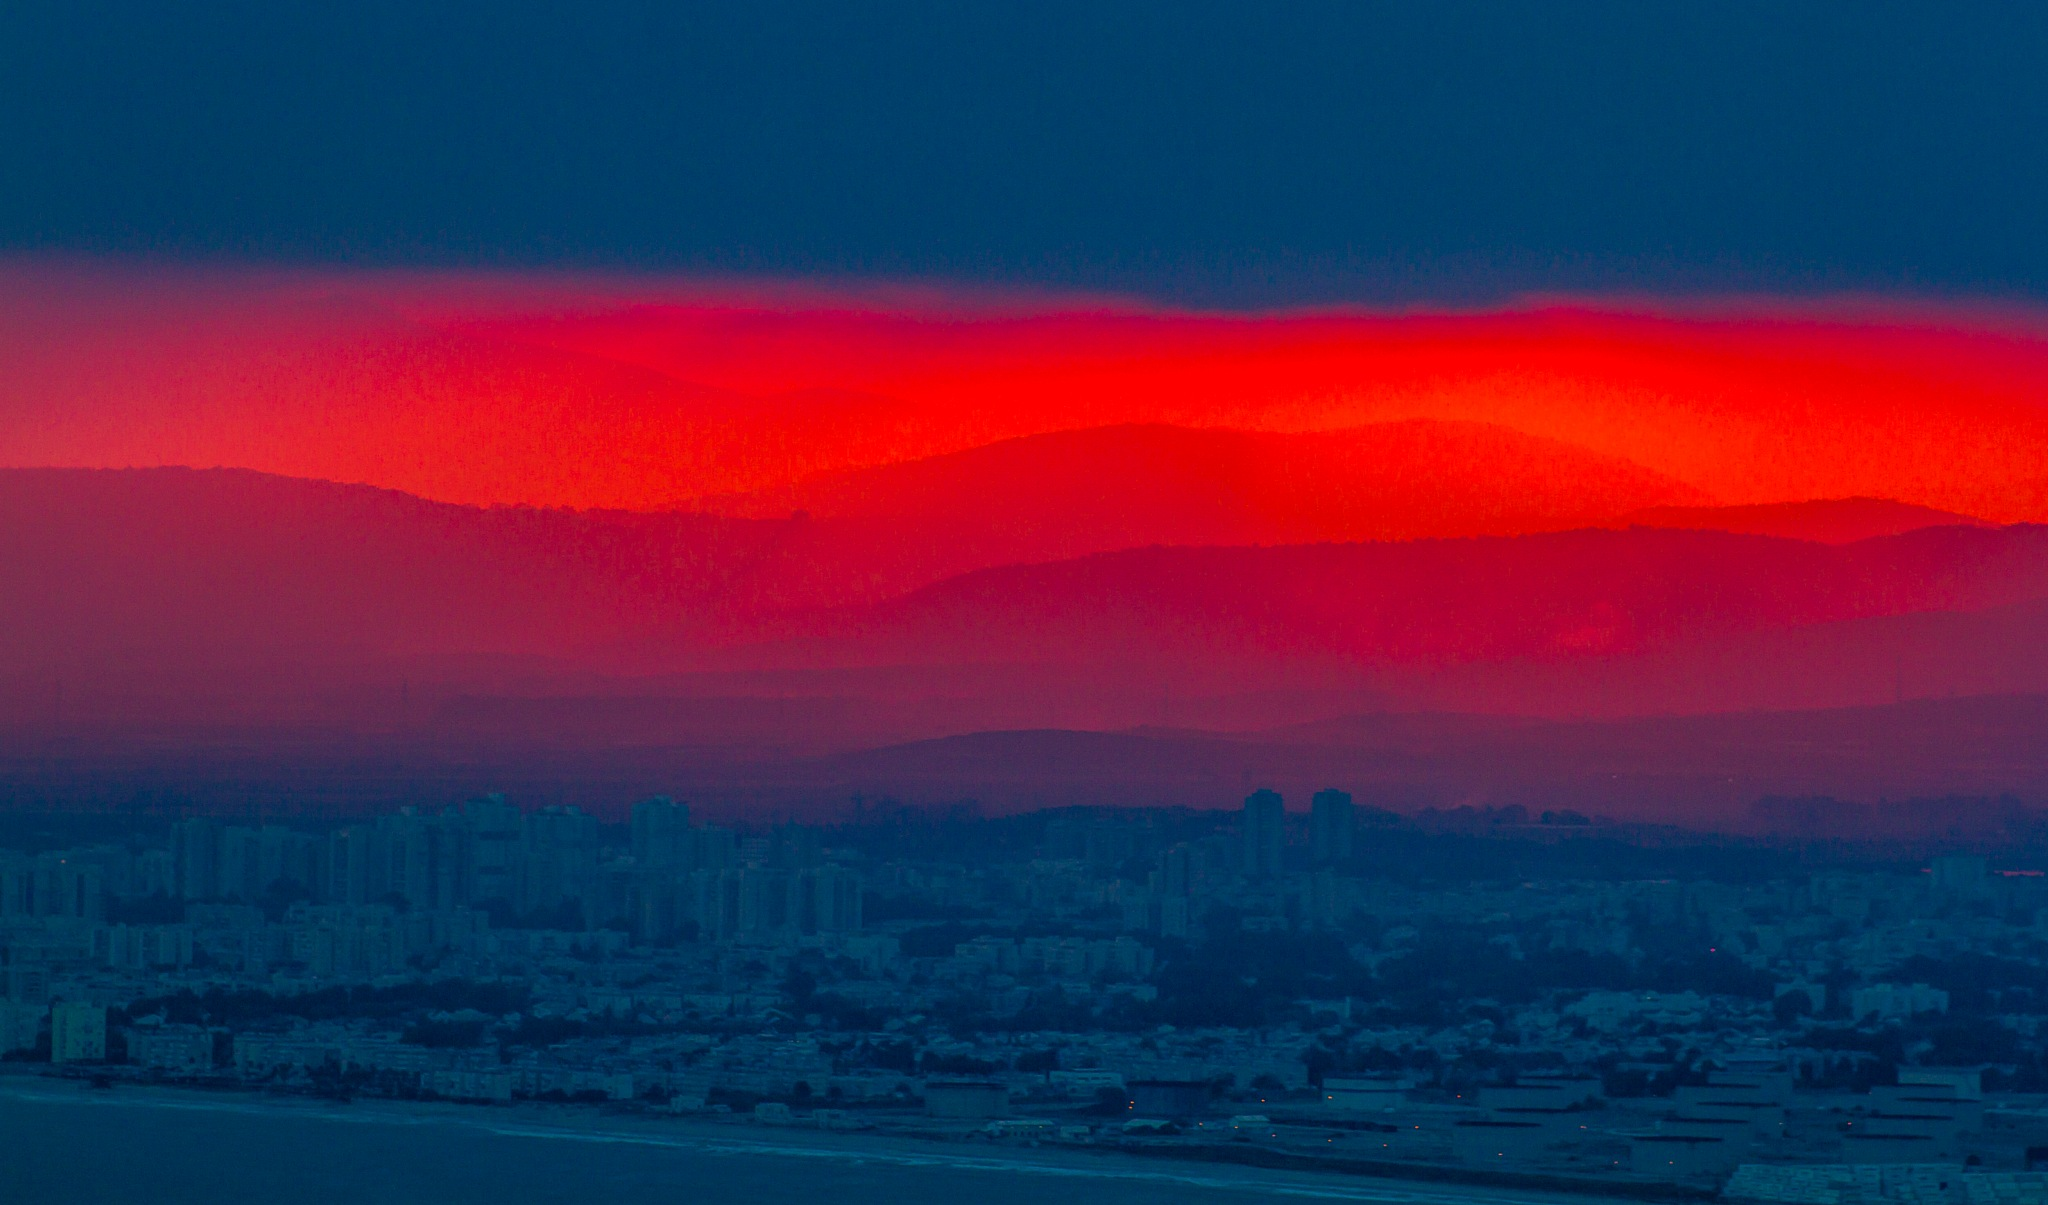 Sunrise in Haifa by benny_b